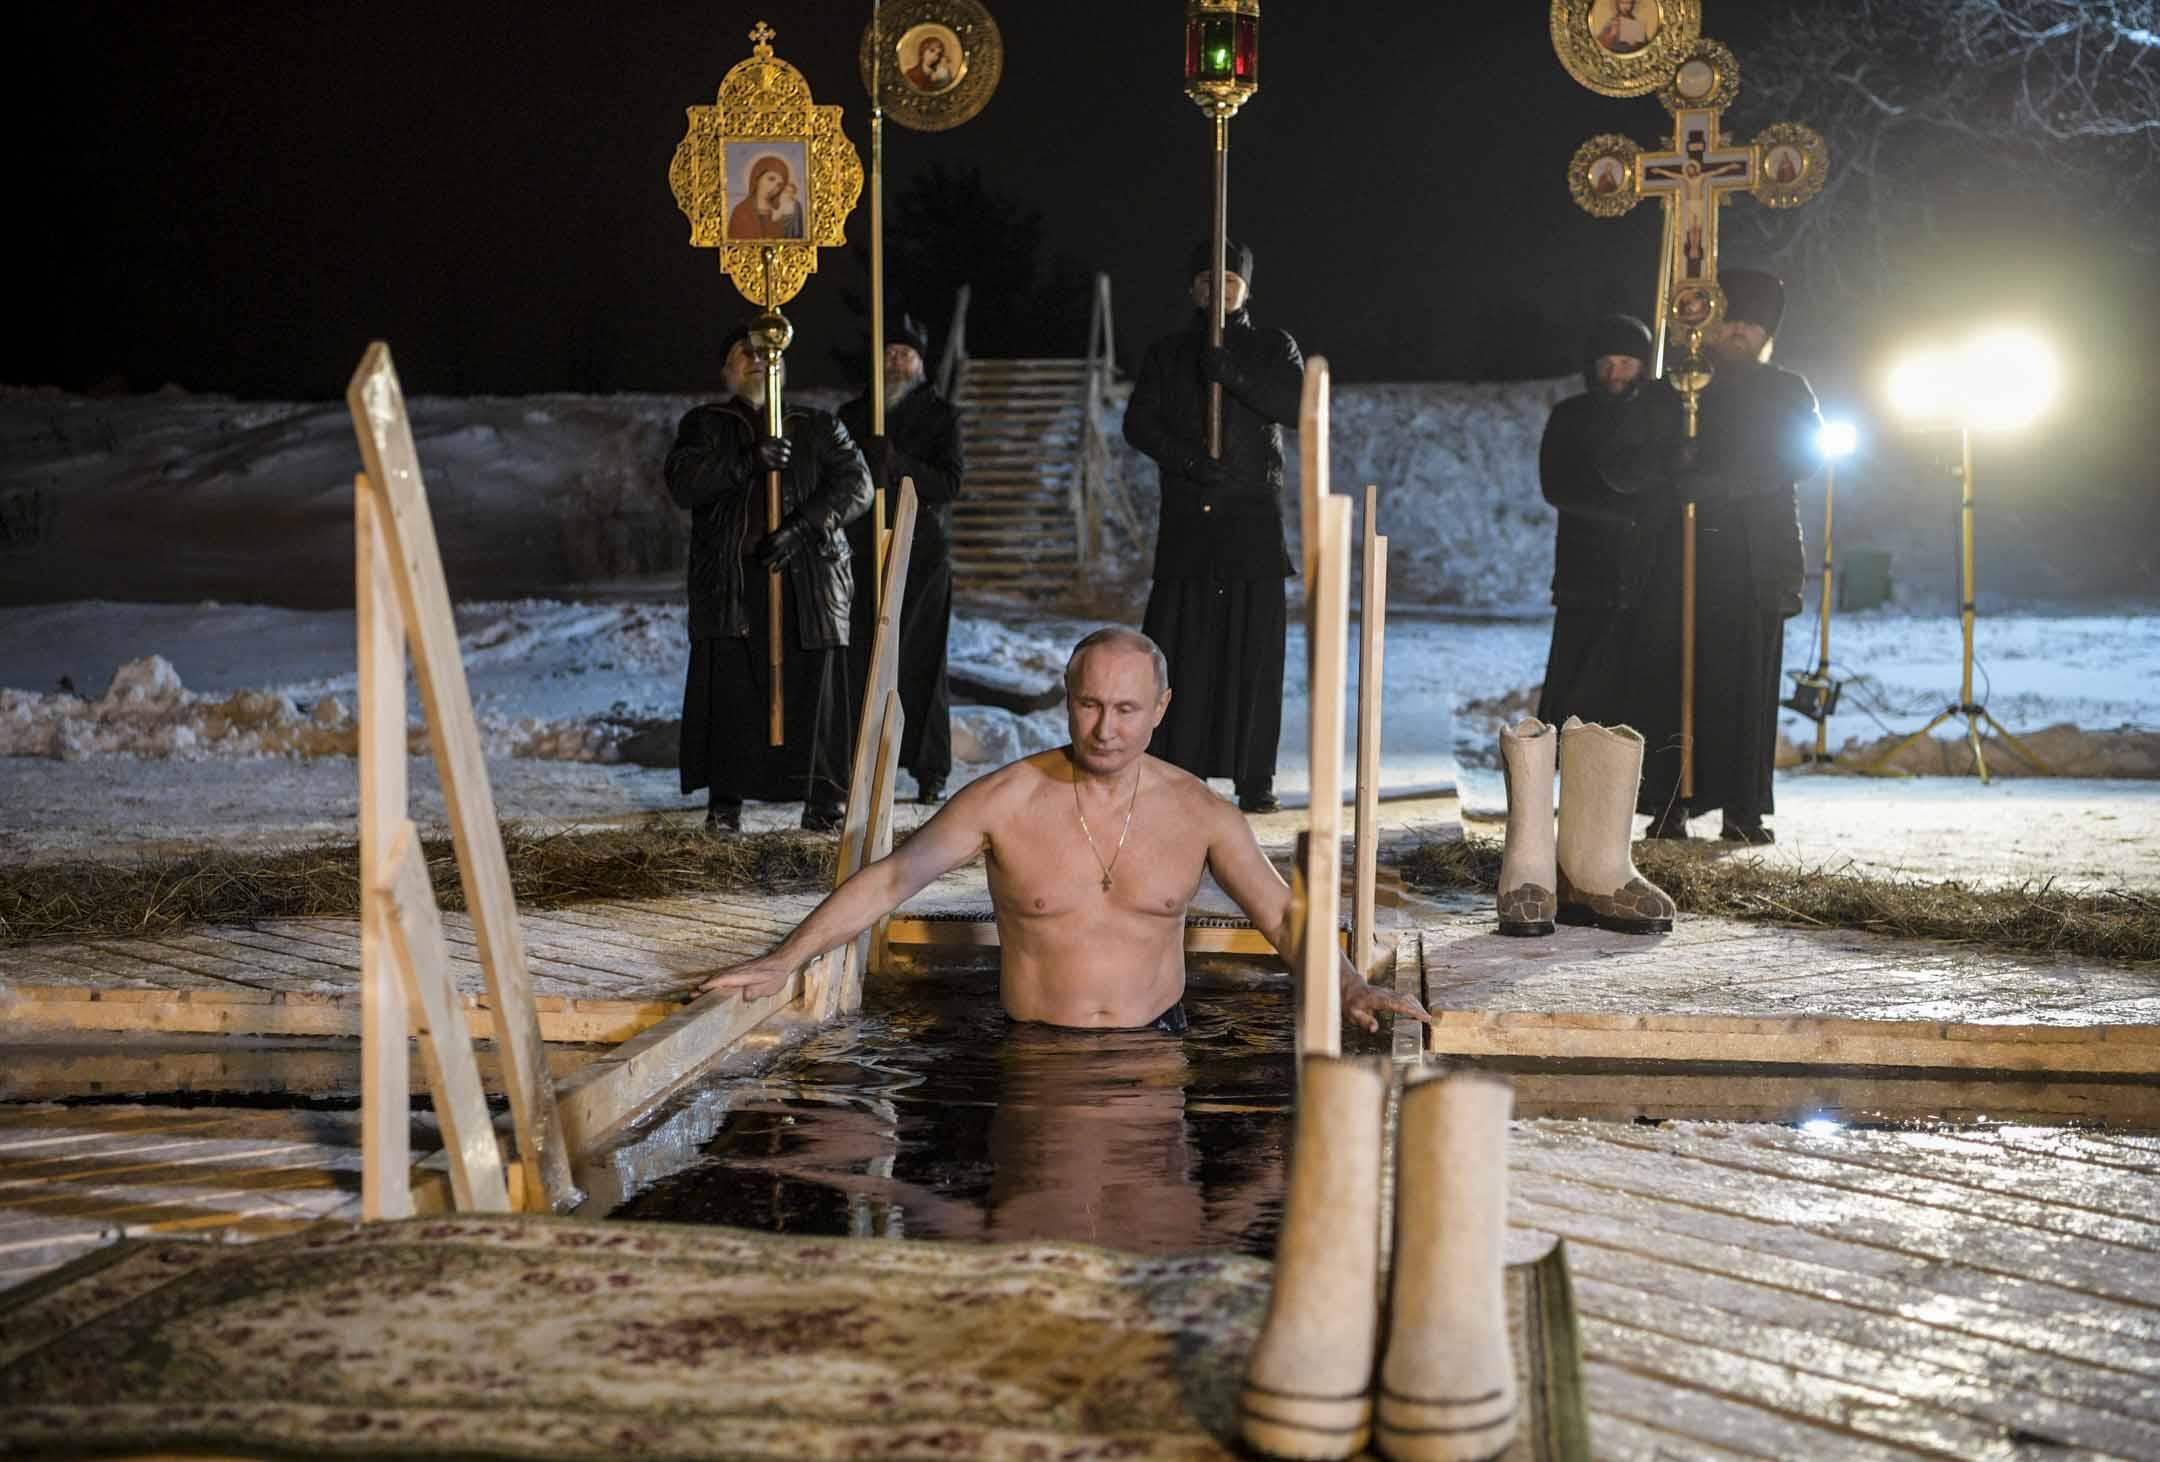 2018年1月19日,普京在俄羅斯Tver 地區慶祝主教節,浸在冷水中。  攝:Alexey Nikolsky/AFP/Getty Images